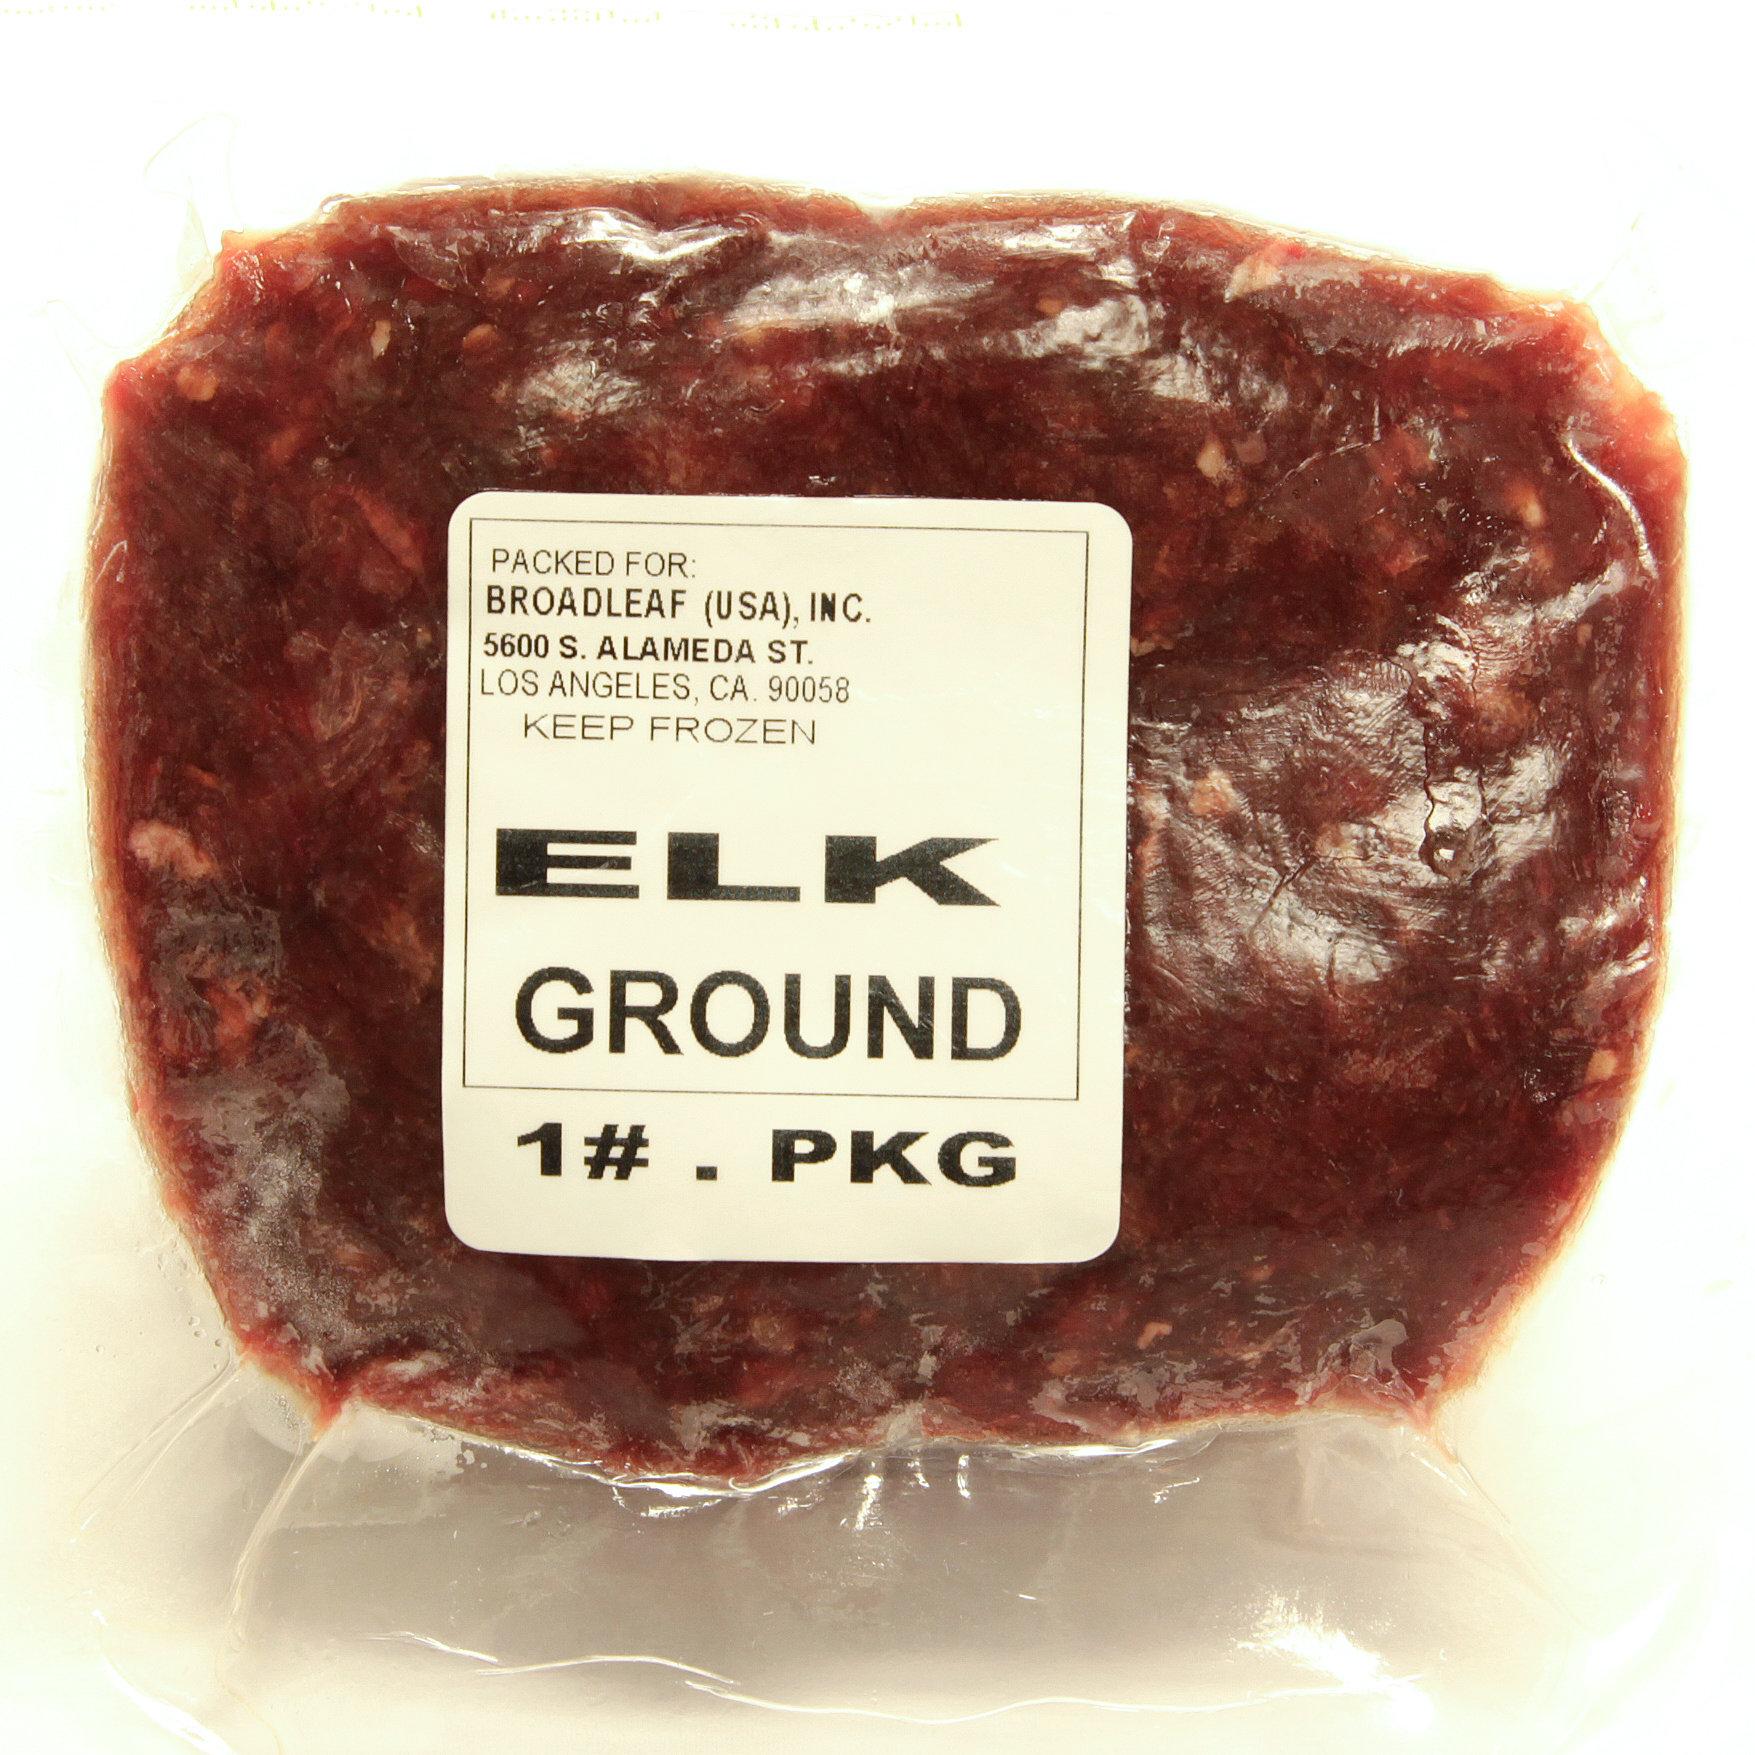 Broadleaf, Elk Ground, 1 lb. 00051